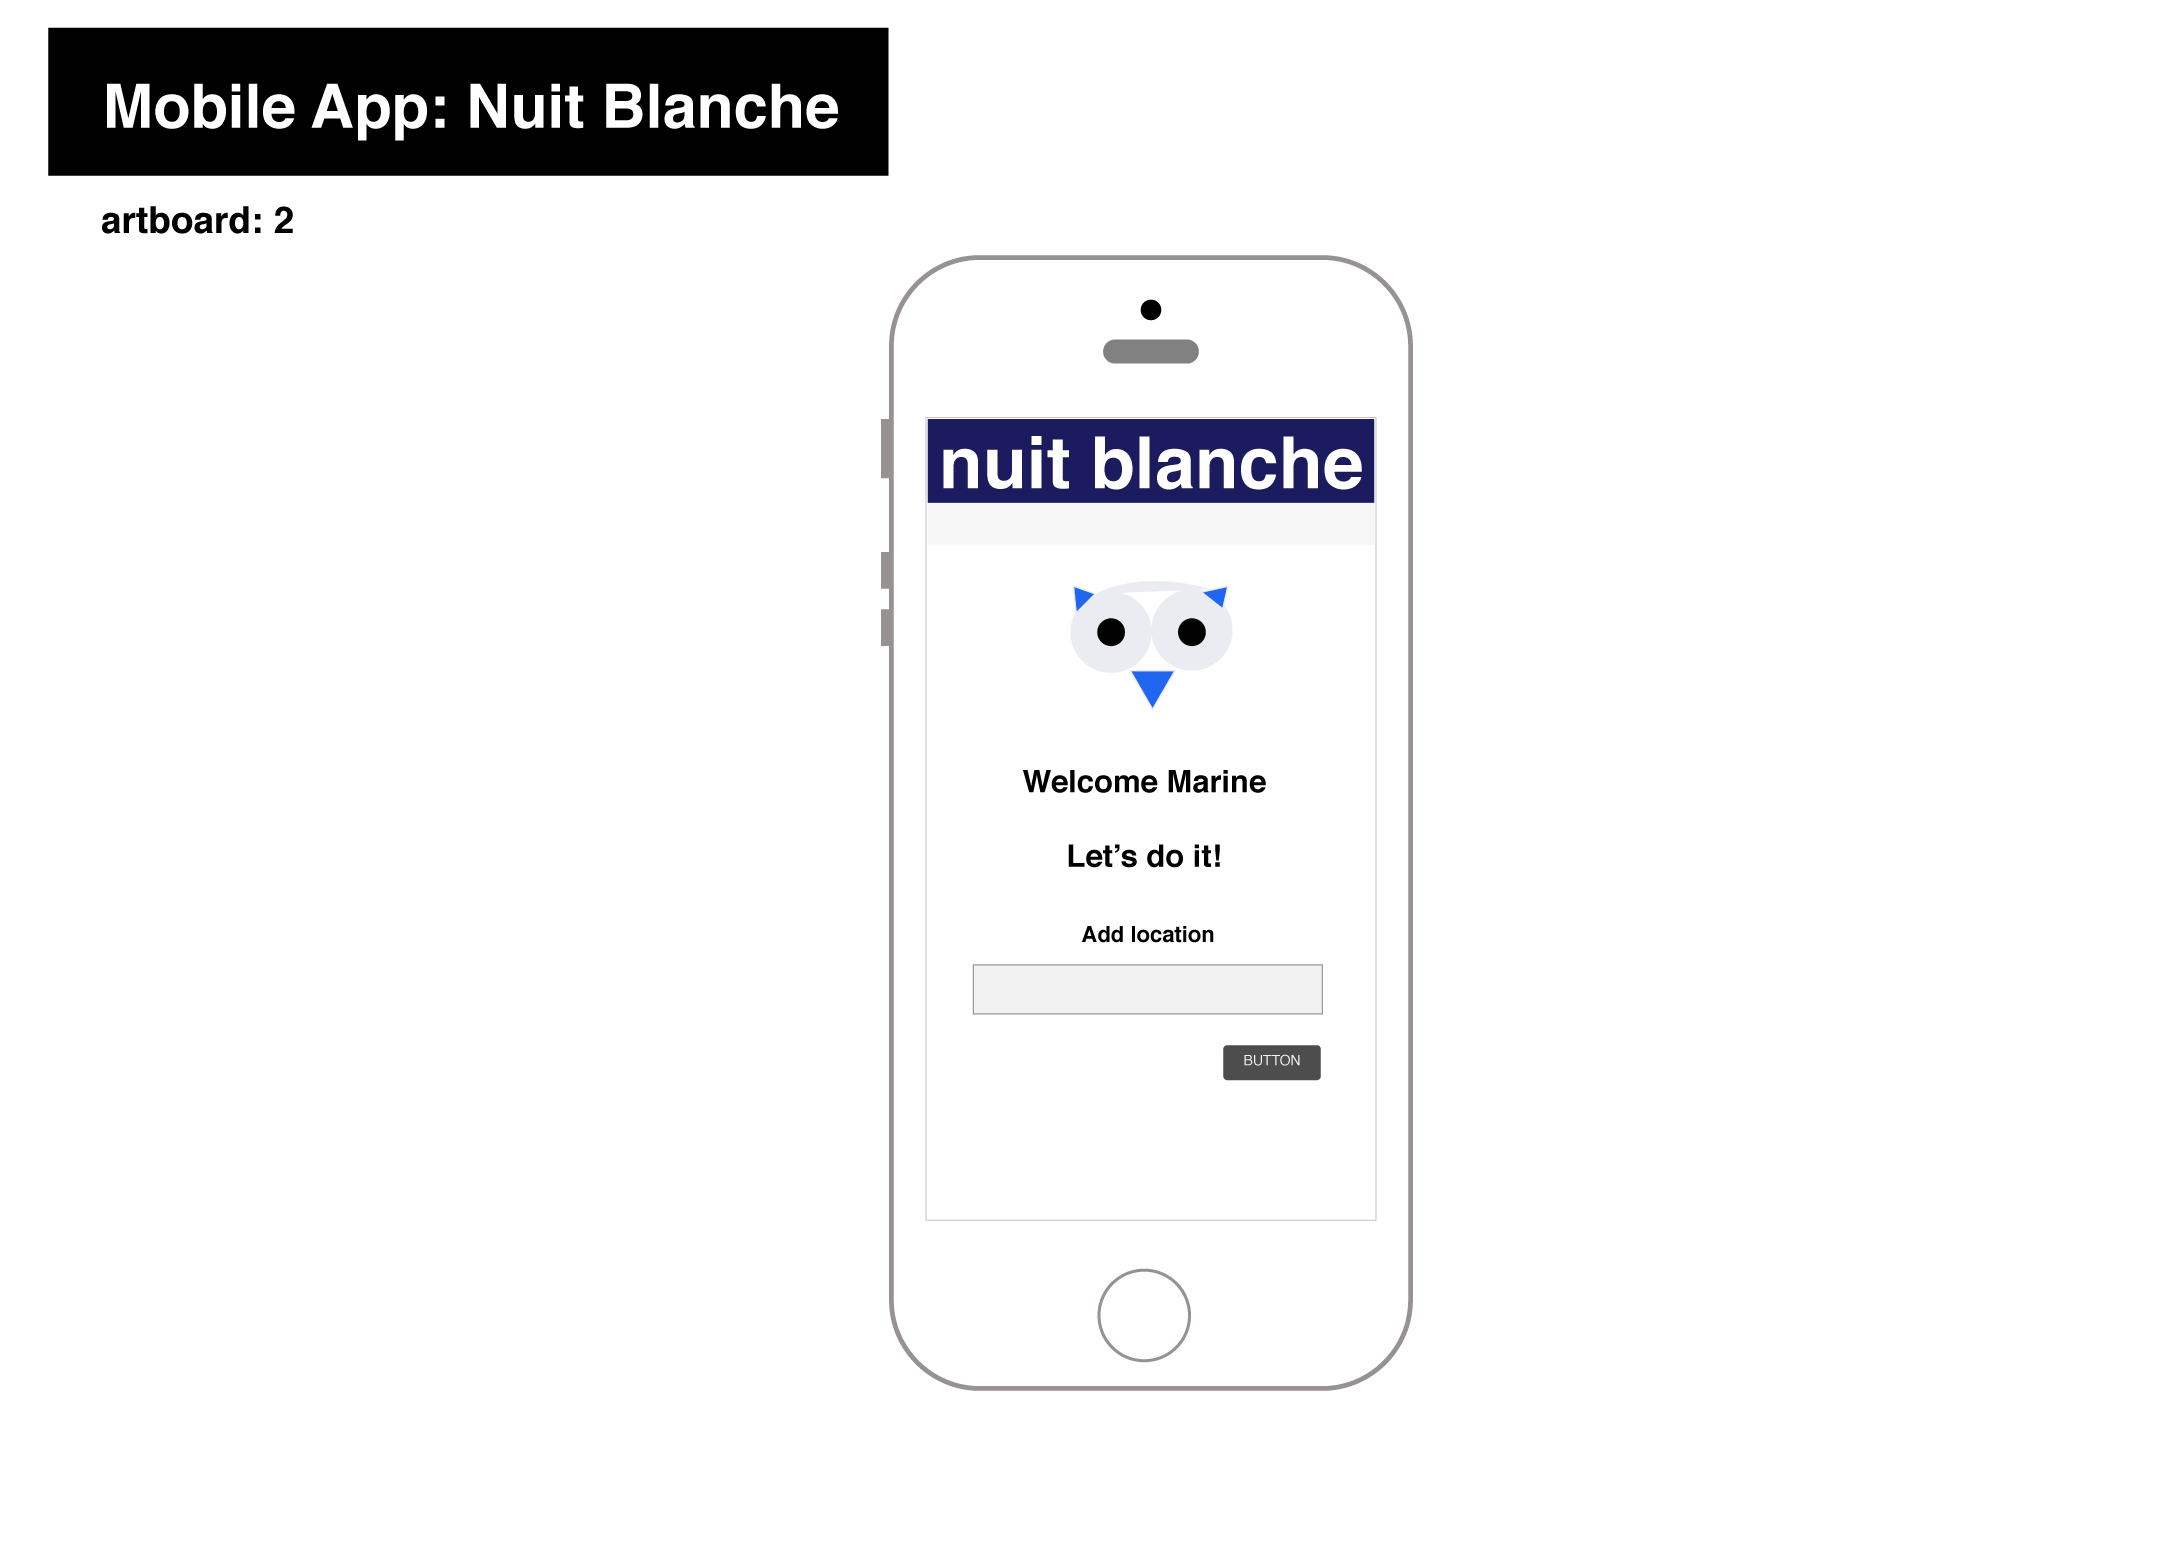 template_app_mobile2.jpg